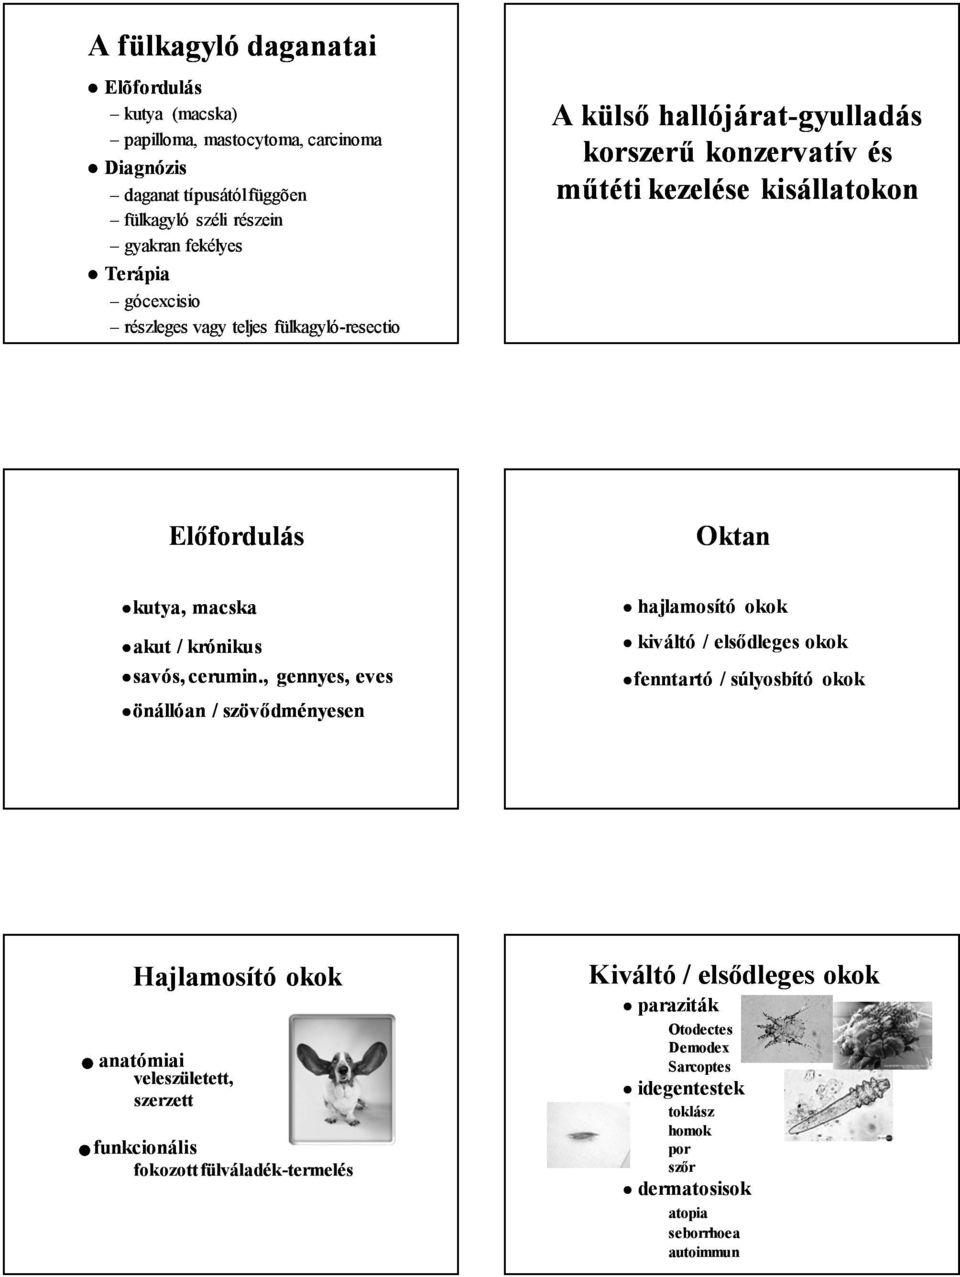 diagnózis sávos enterobiasis